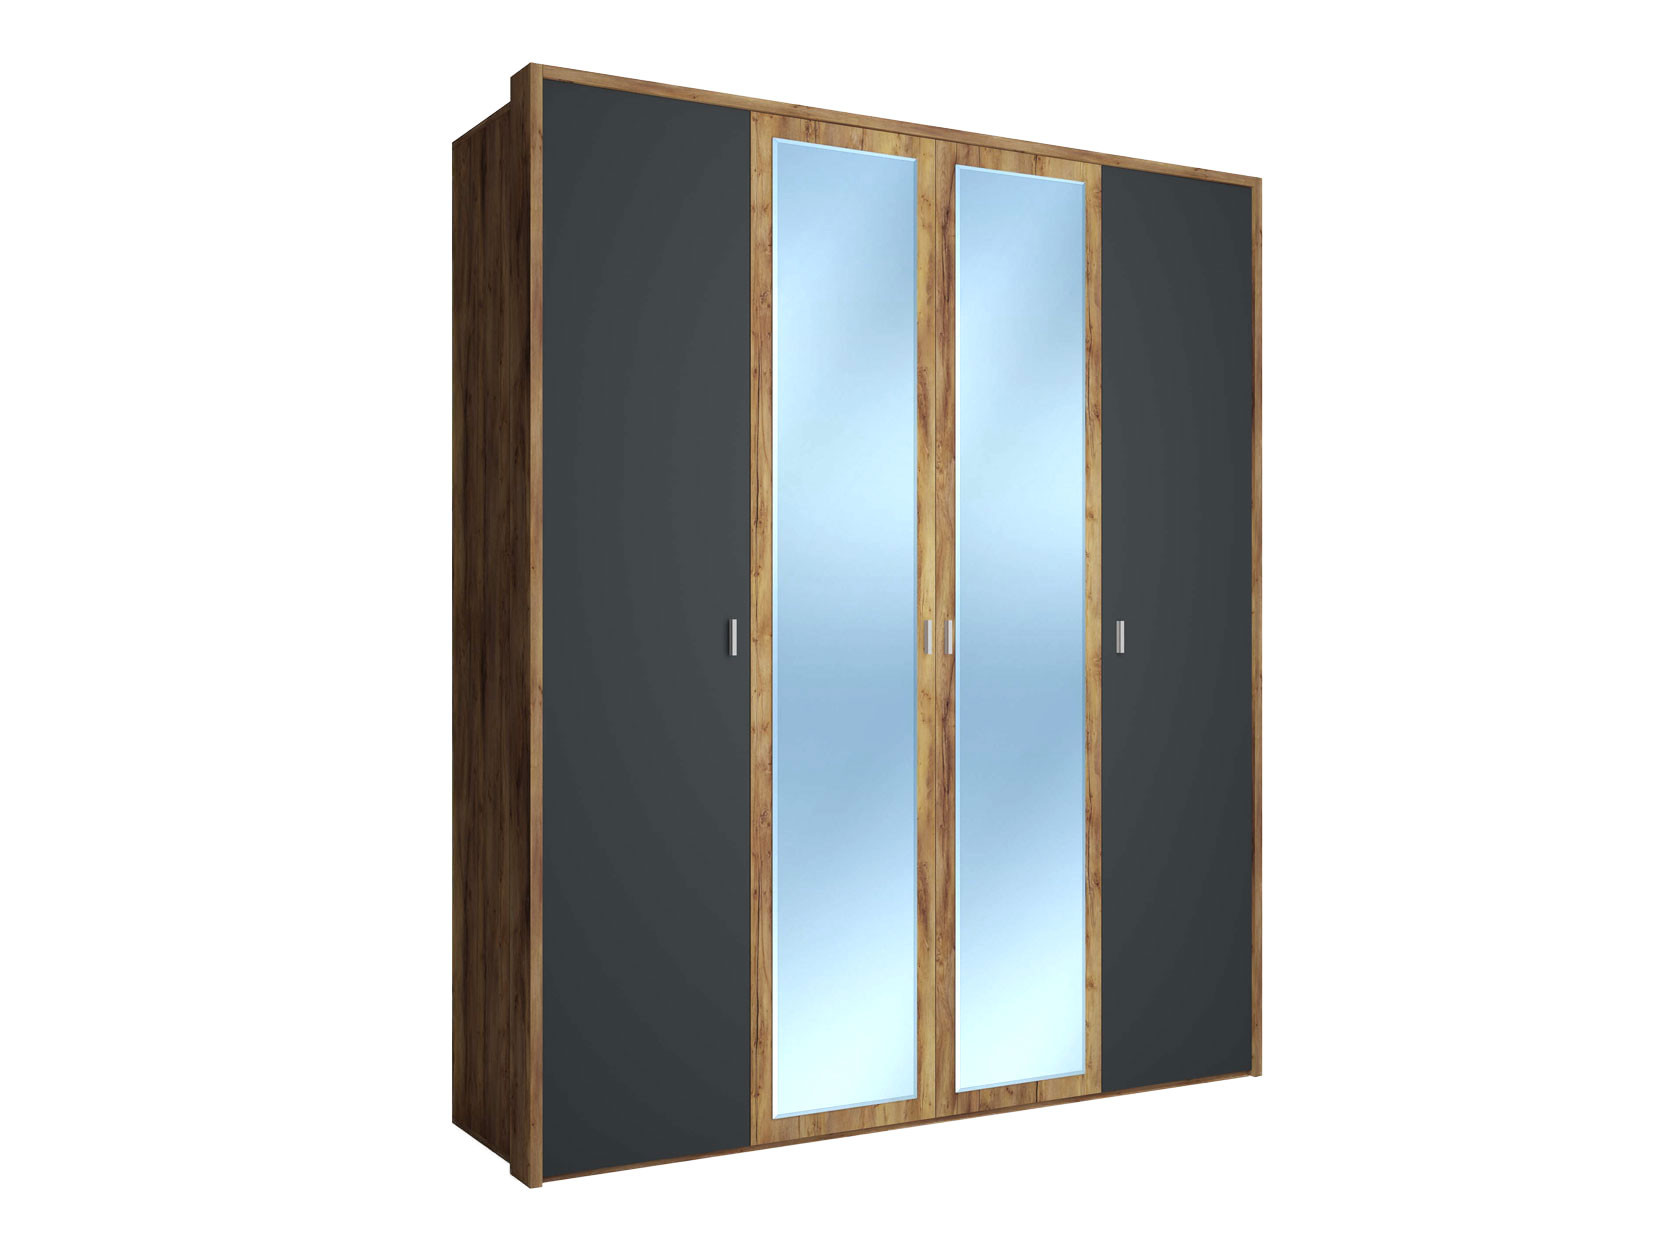 Распашной шкаф  4-х дверный Вега Бавария Таксония медовая / Антрацит, С двумя зеркалами, топом-накладкой КУРАЖ 104987